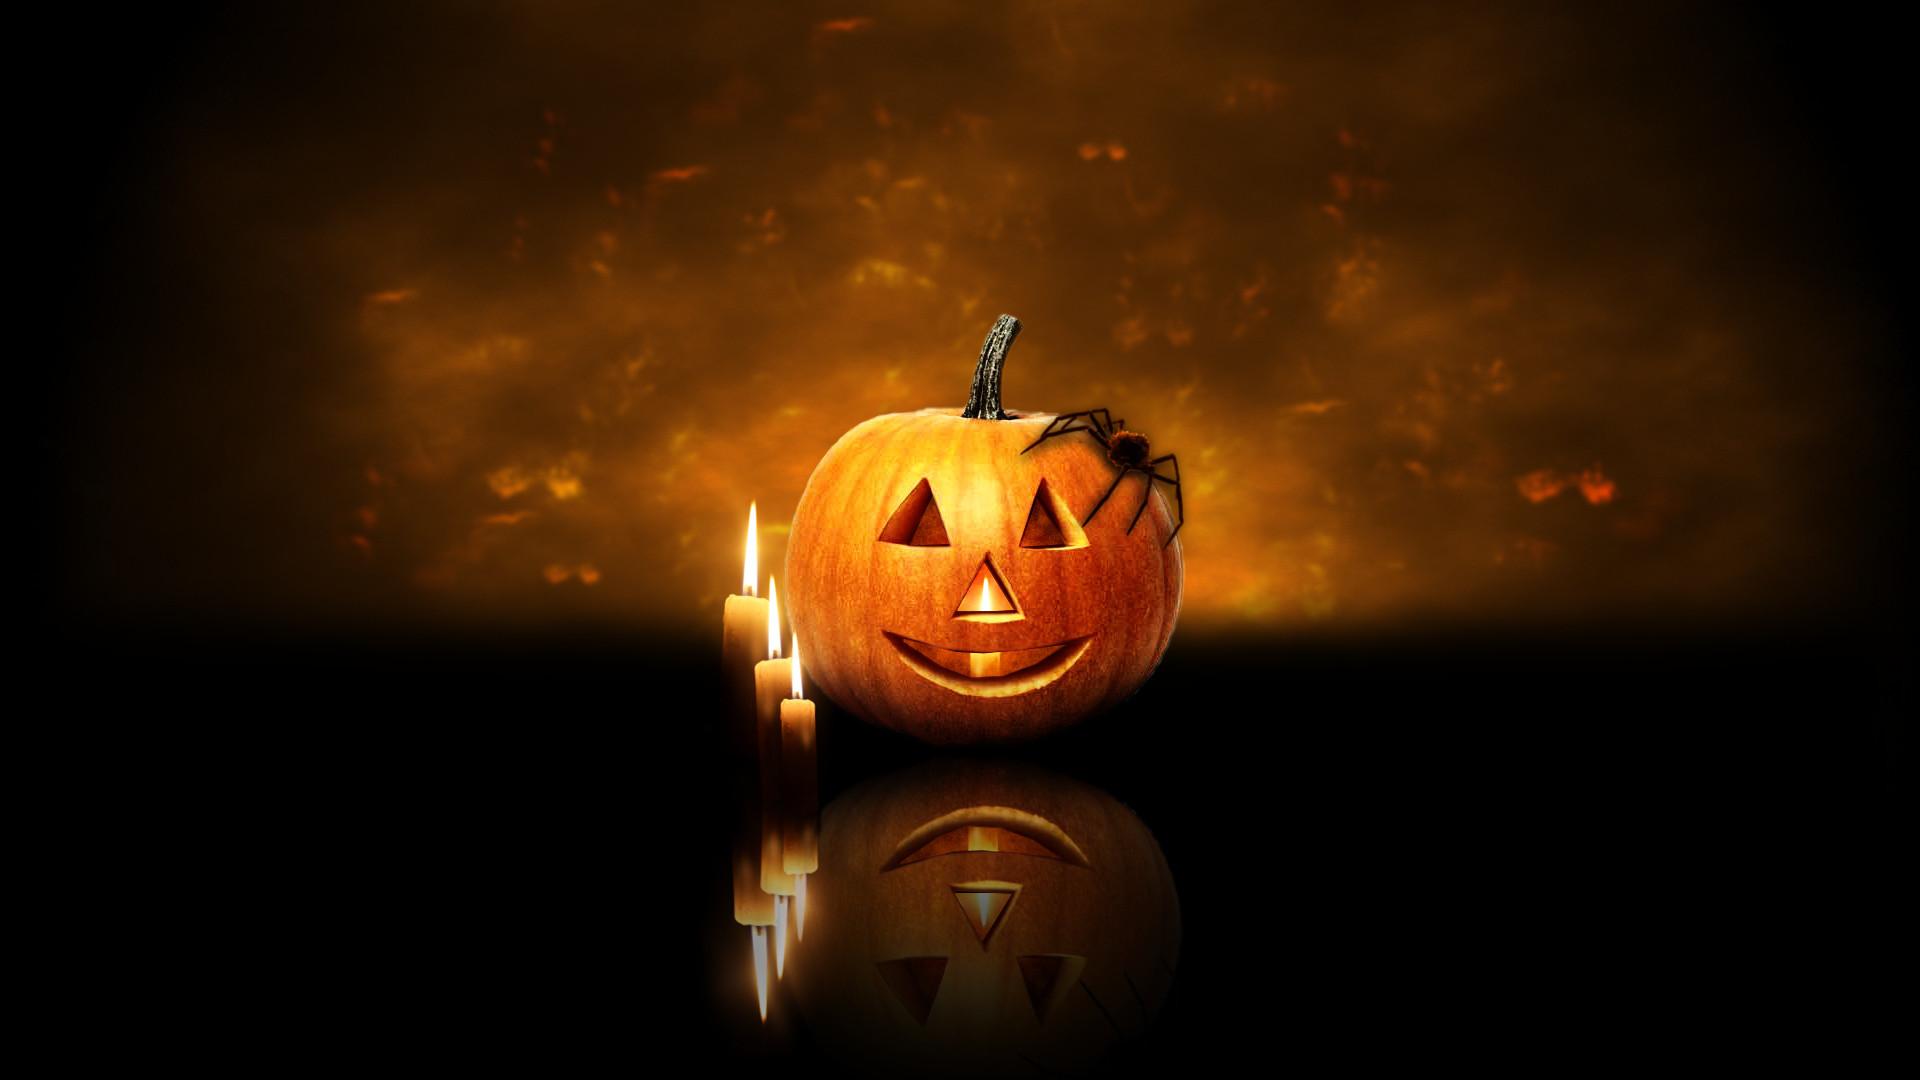 Res: 1920x1080, Halloween Pumpkin Candles